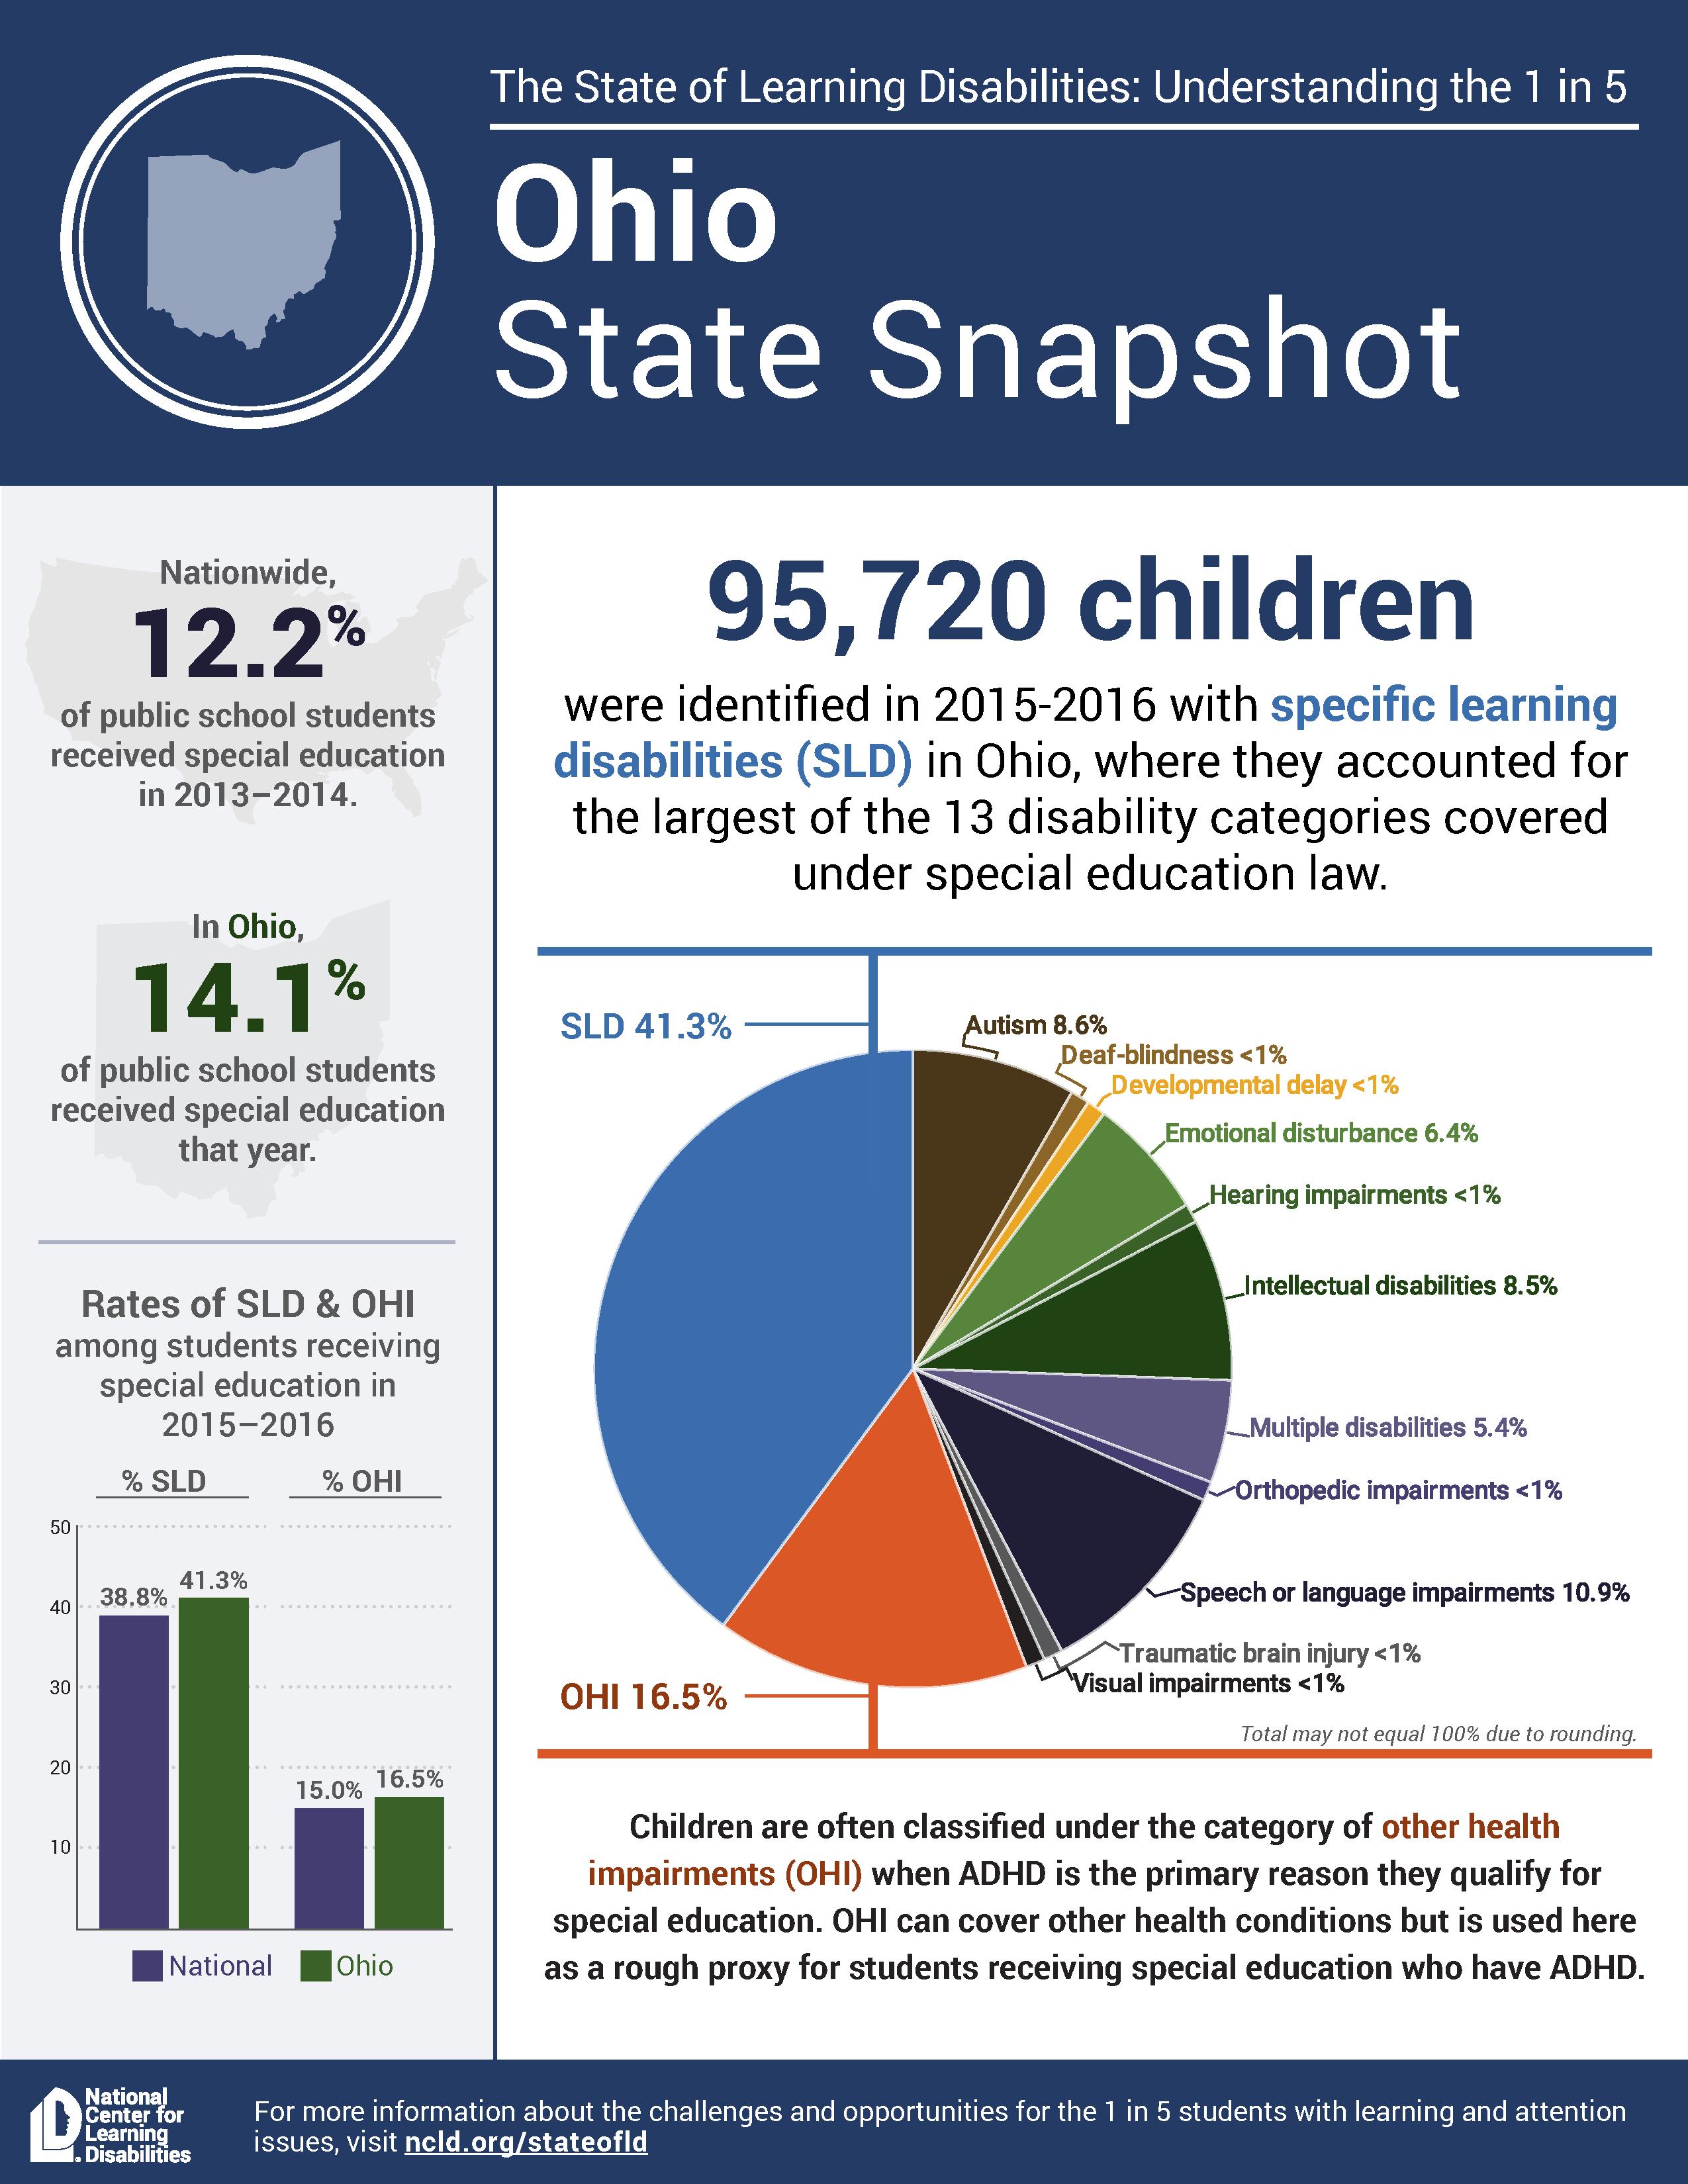 State snapshot Ohio